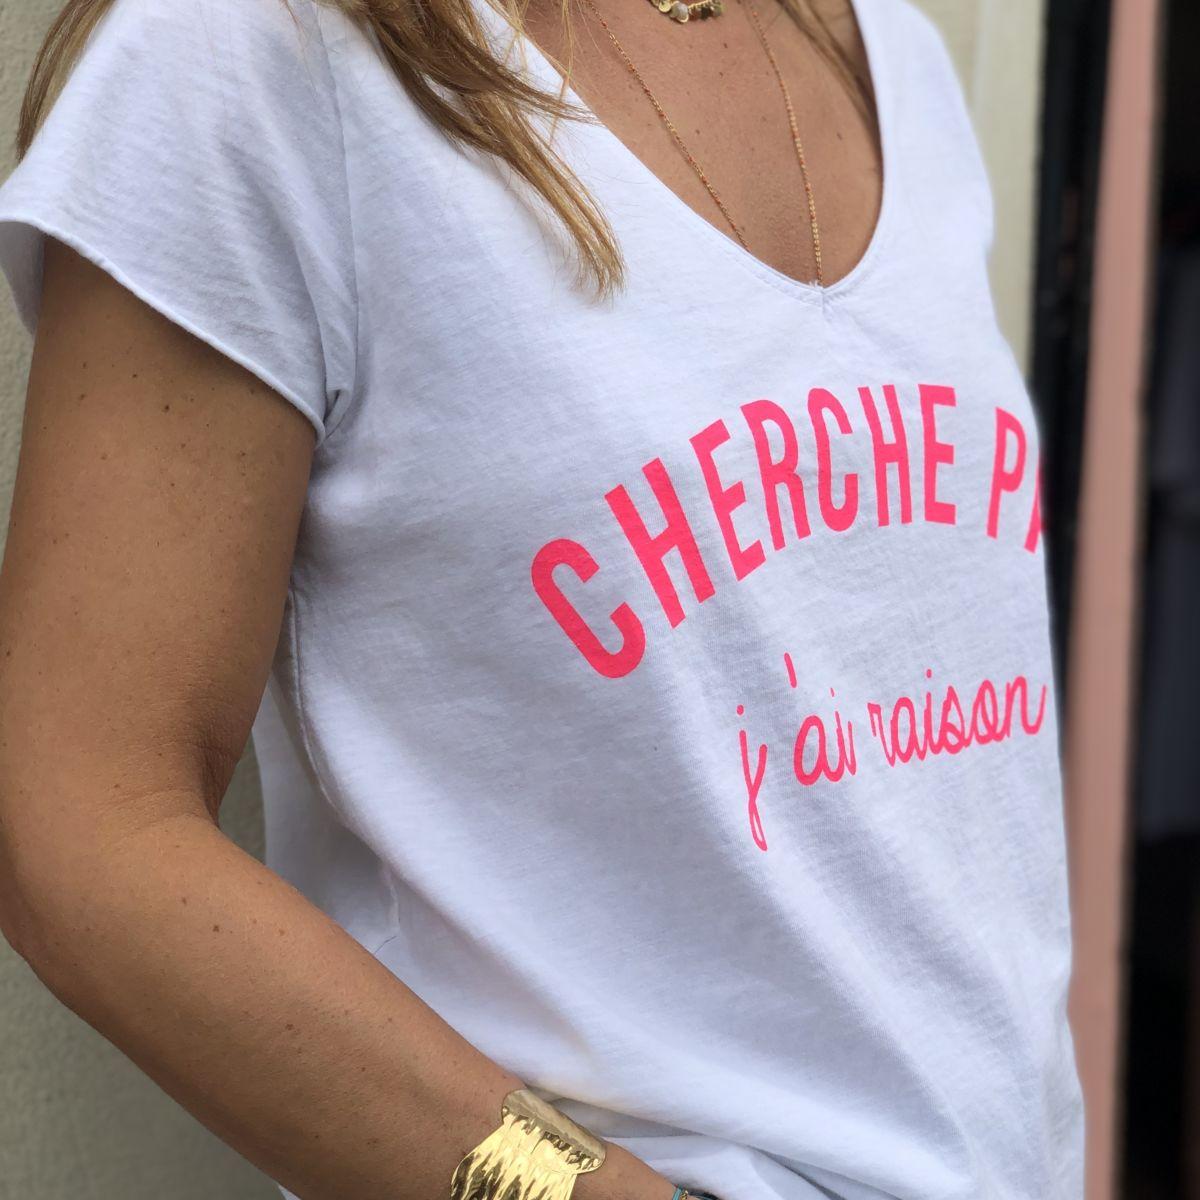 tee-shirt blanc message cherche pas j'ai raison rose fluo col V manches courtes by destele